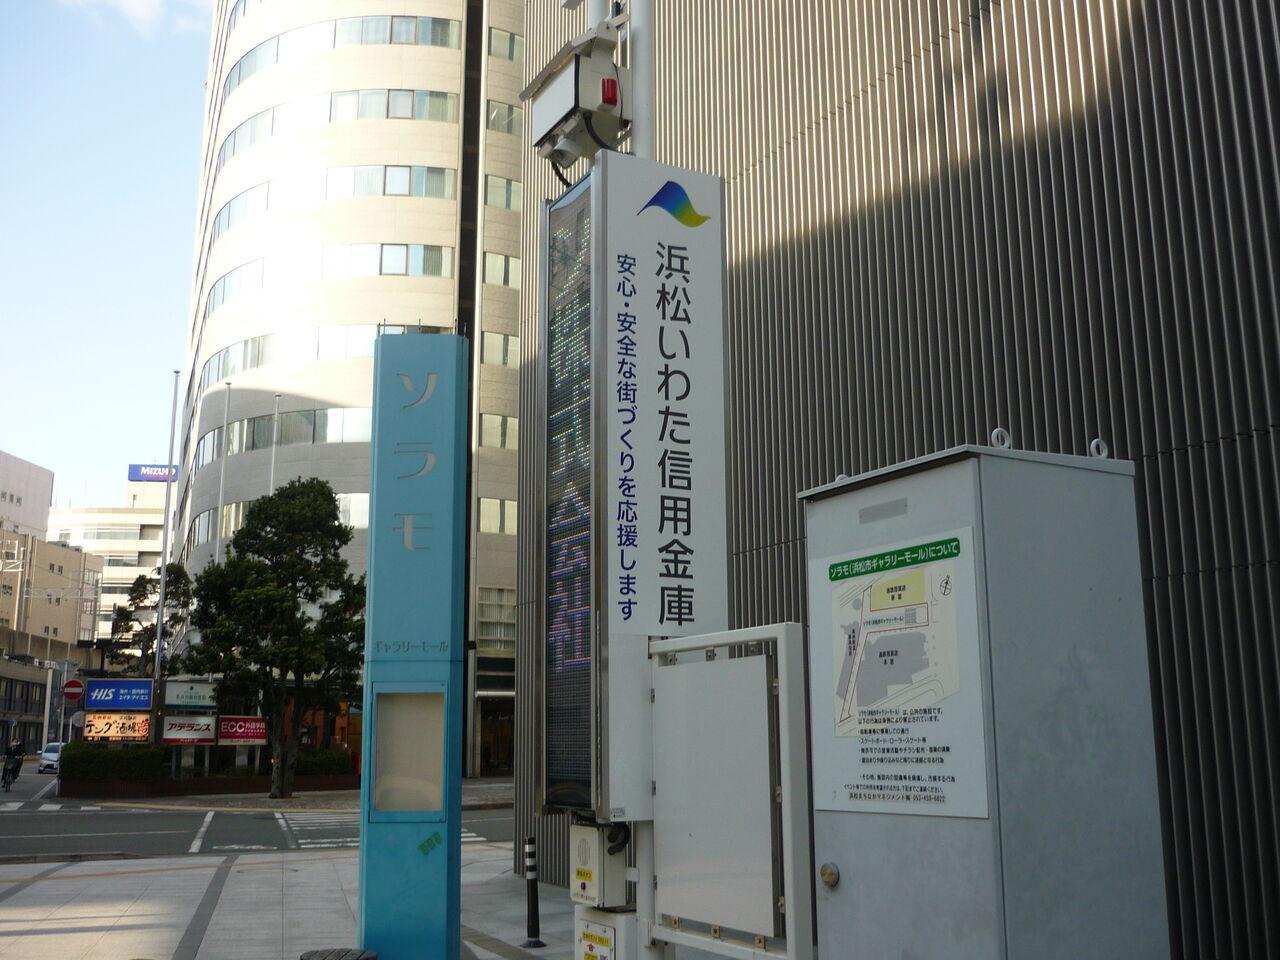 浜松いわた信用金庫 (1)